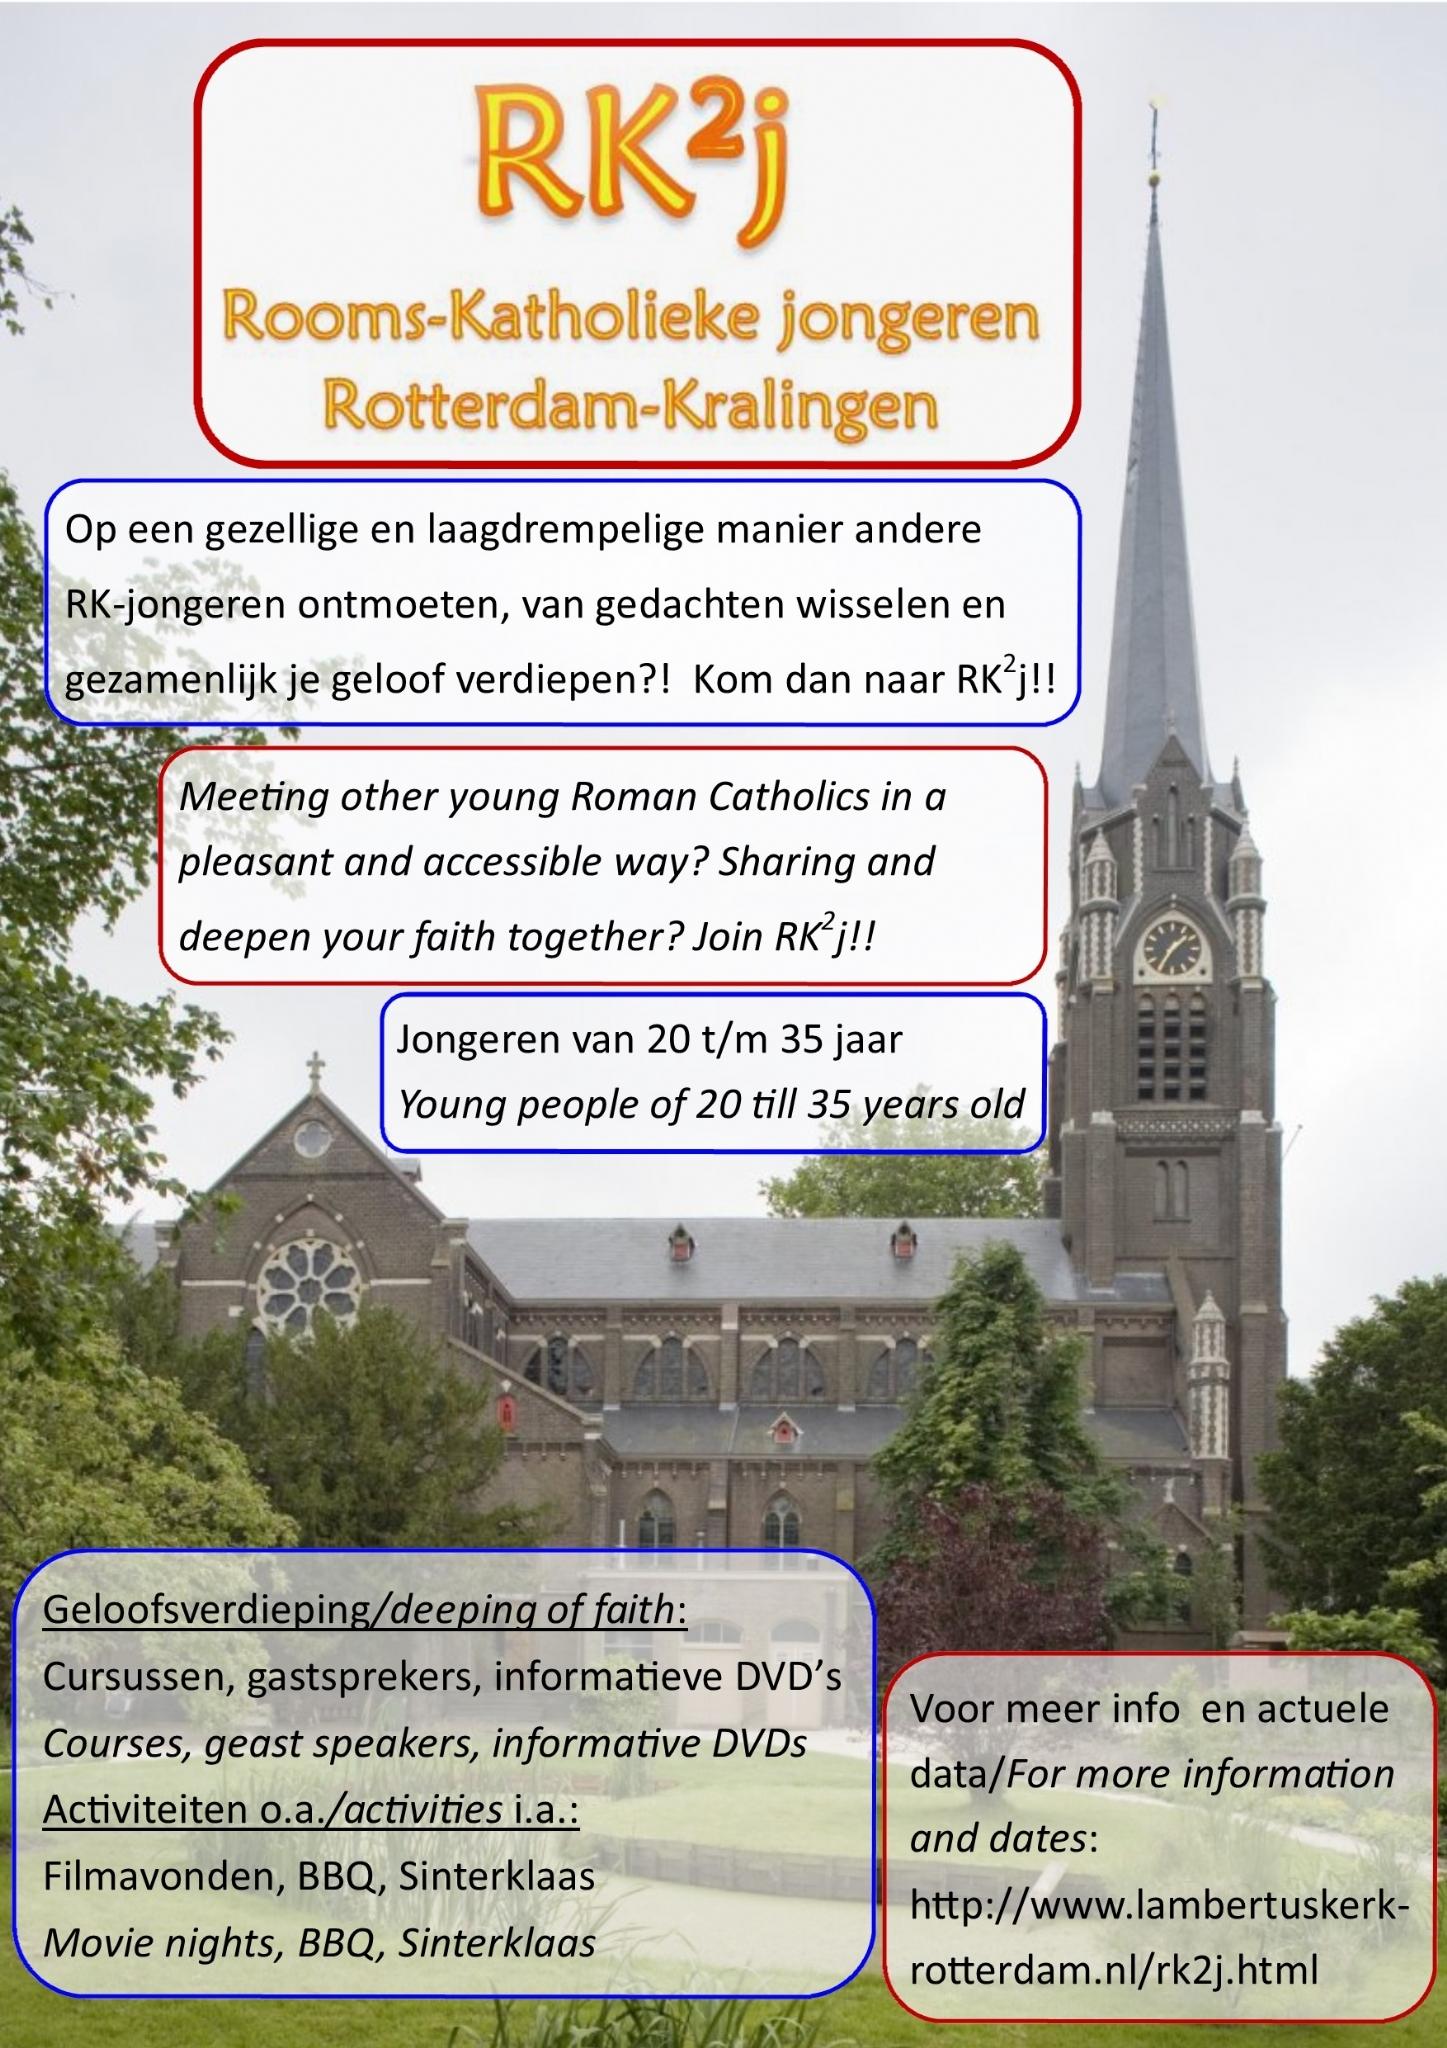 Aanstaande zondag 21 mei jongerengroep rk2j for Lantaren venster rotterdam agenda